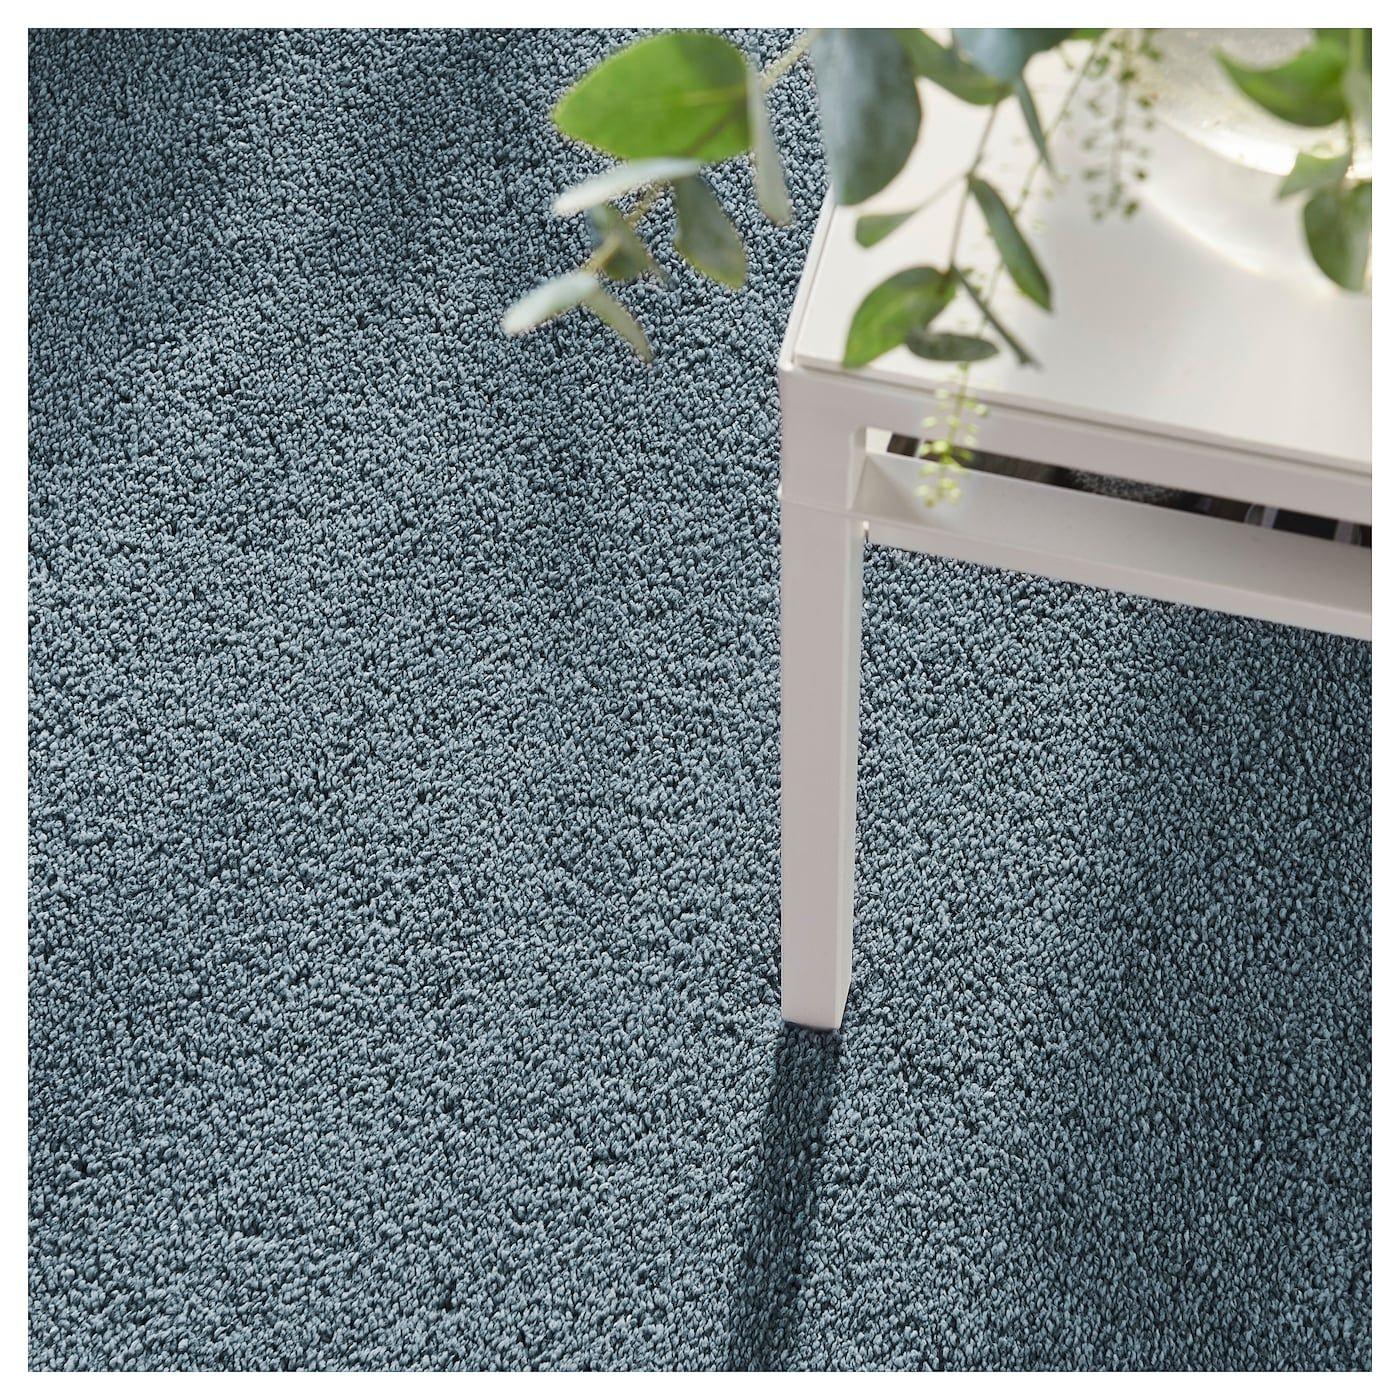 Stoense Teppich Kurzflor Mittelblau Teppich Ikea Teppichreinigung